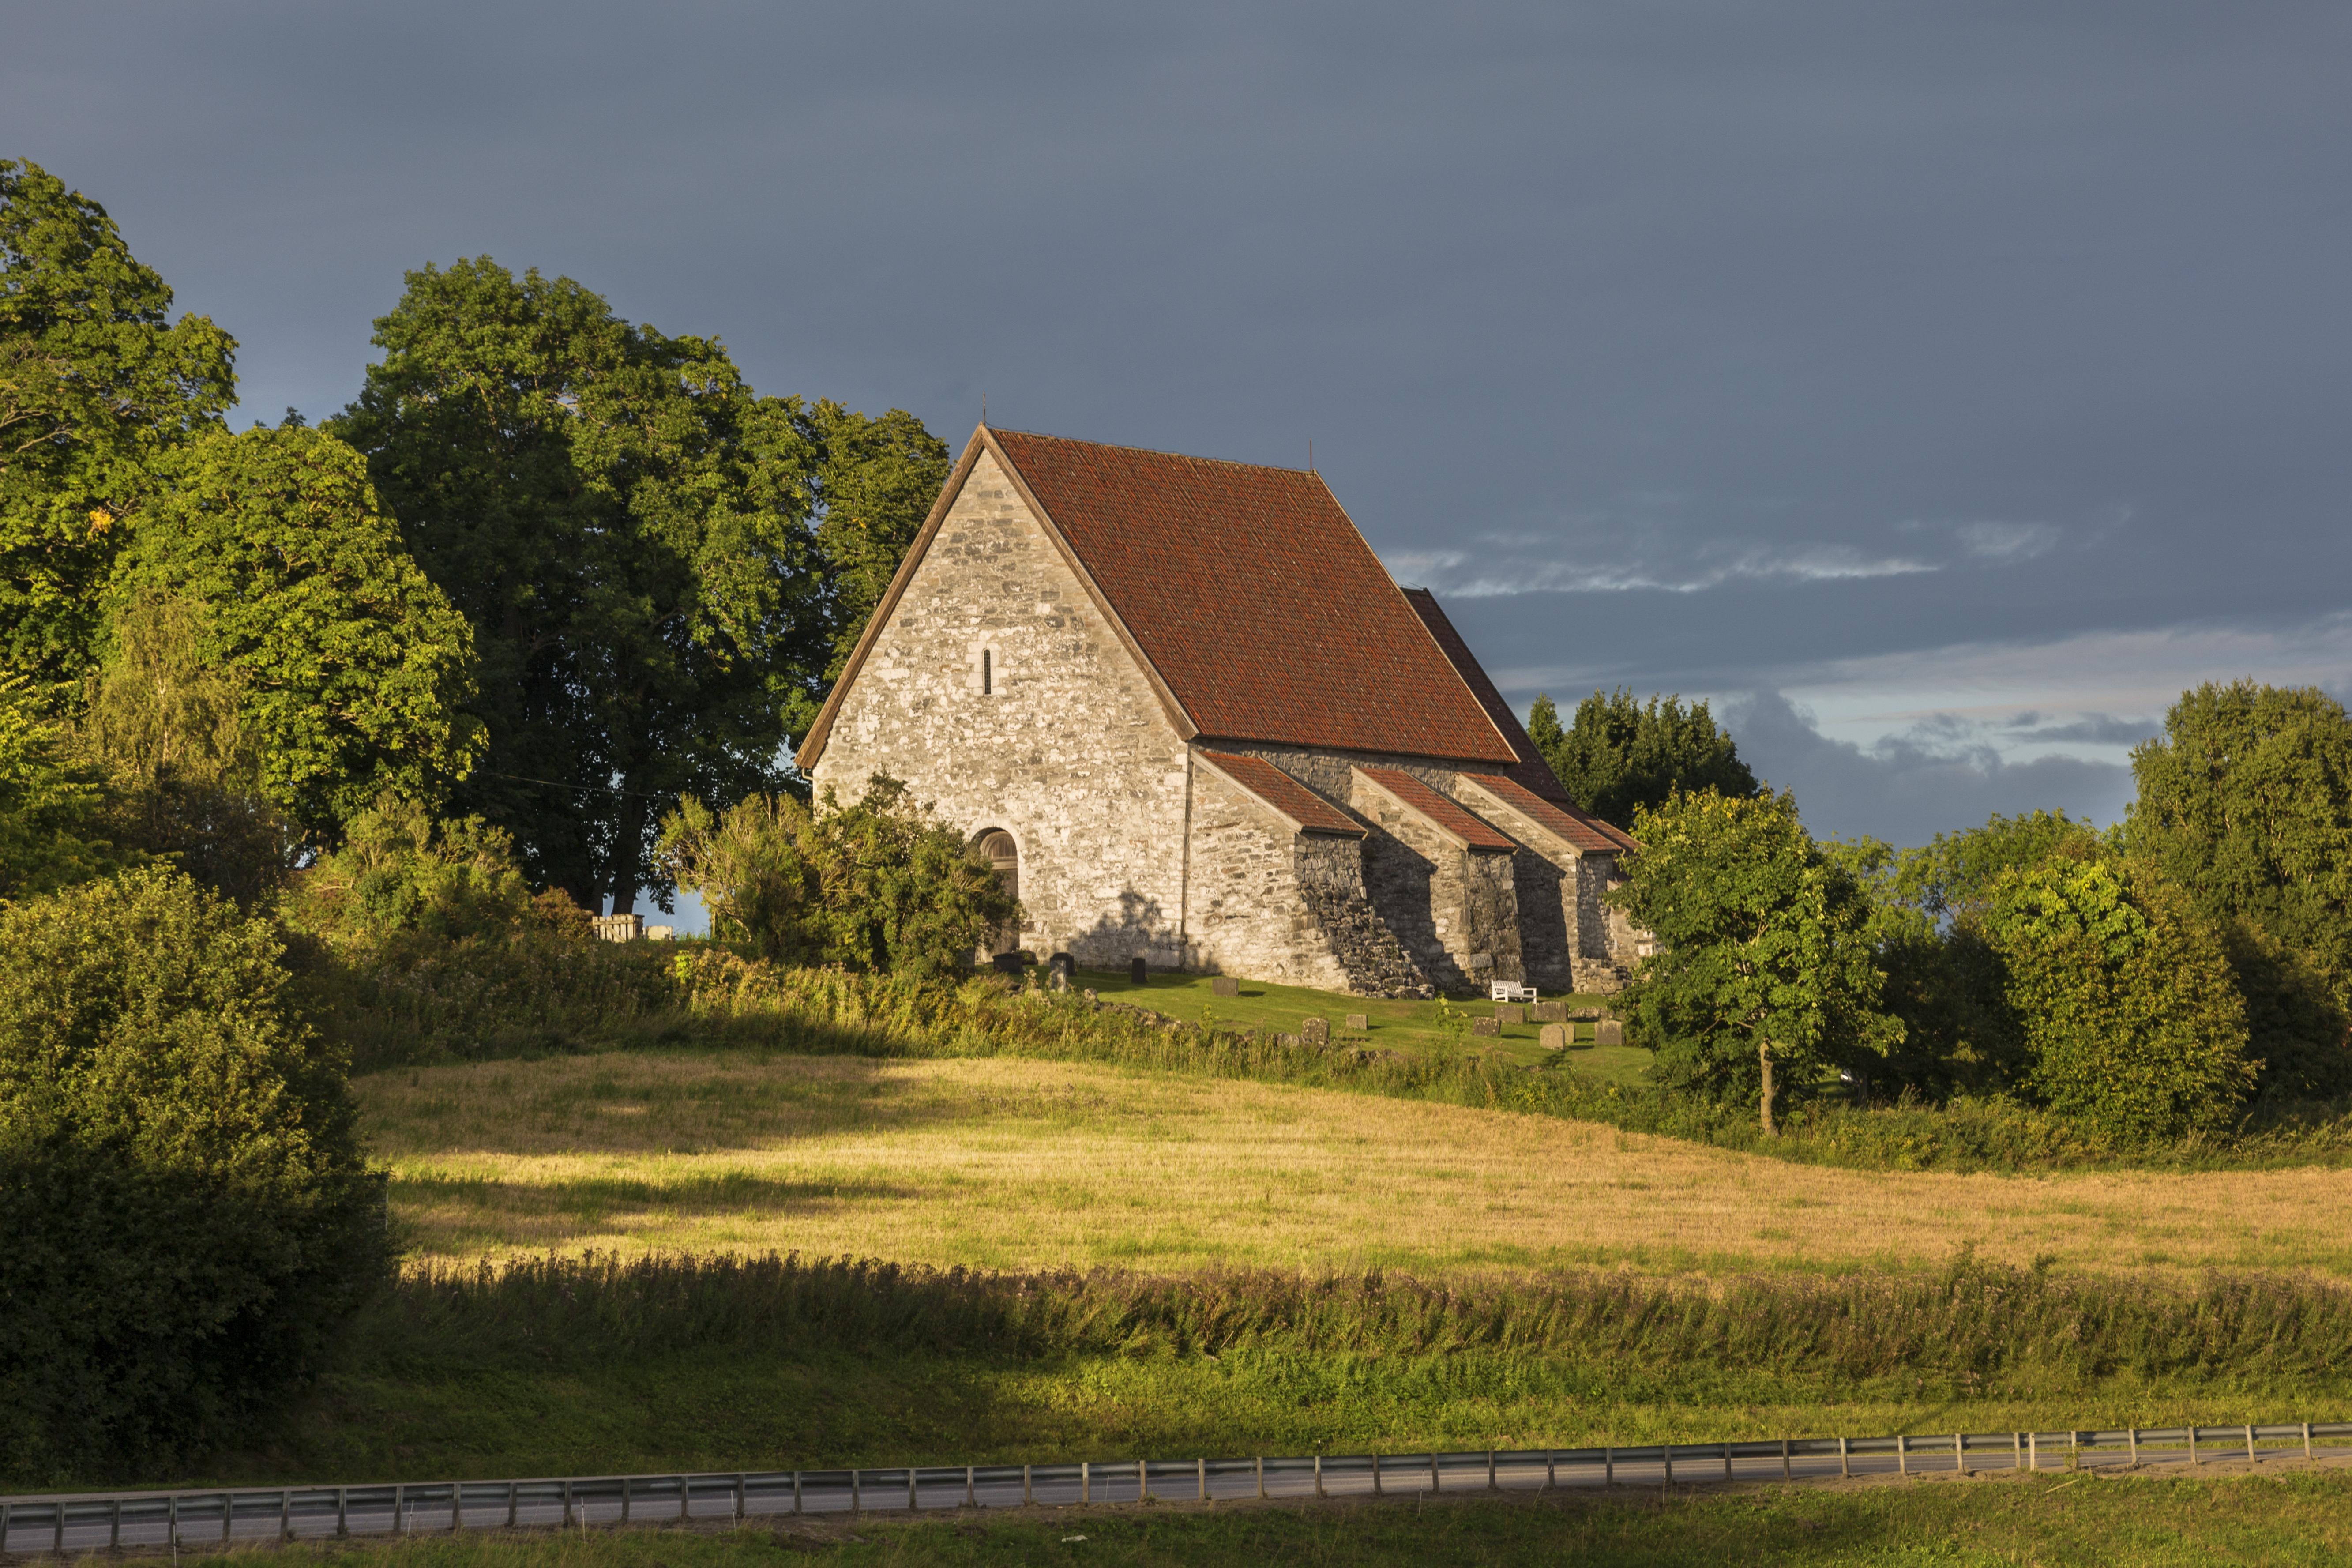 Sakshaug Gamle Kirke på Inderøy. Foto: LenaJohnsen